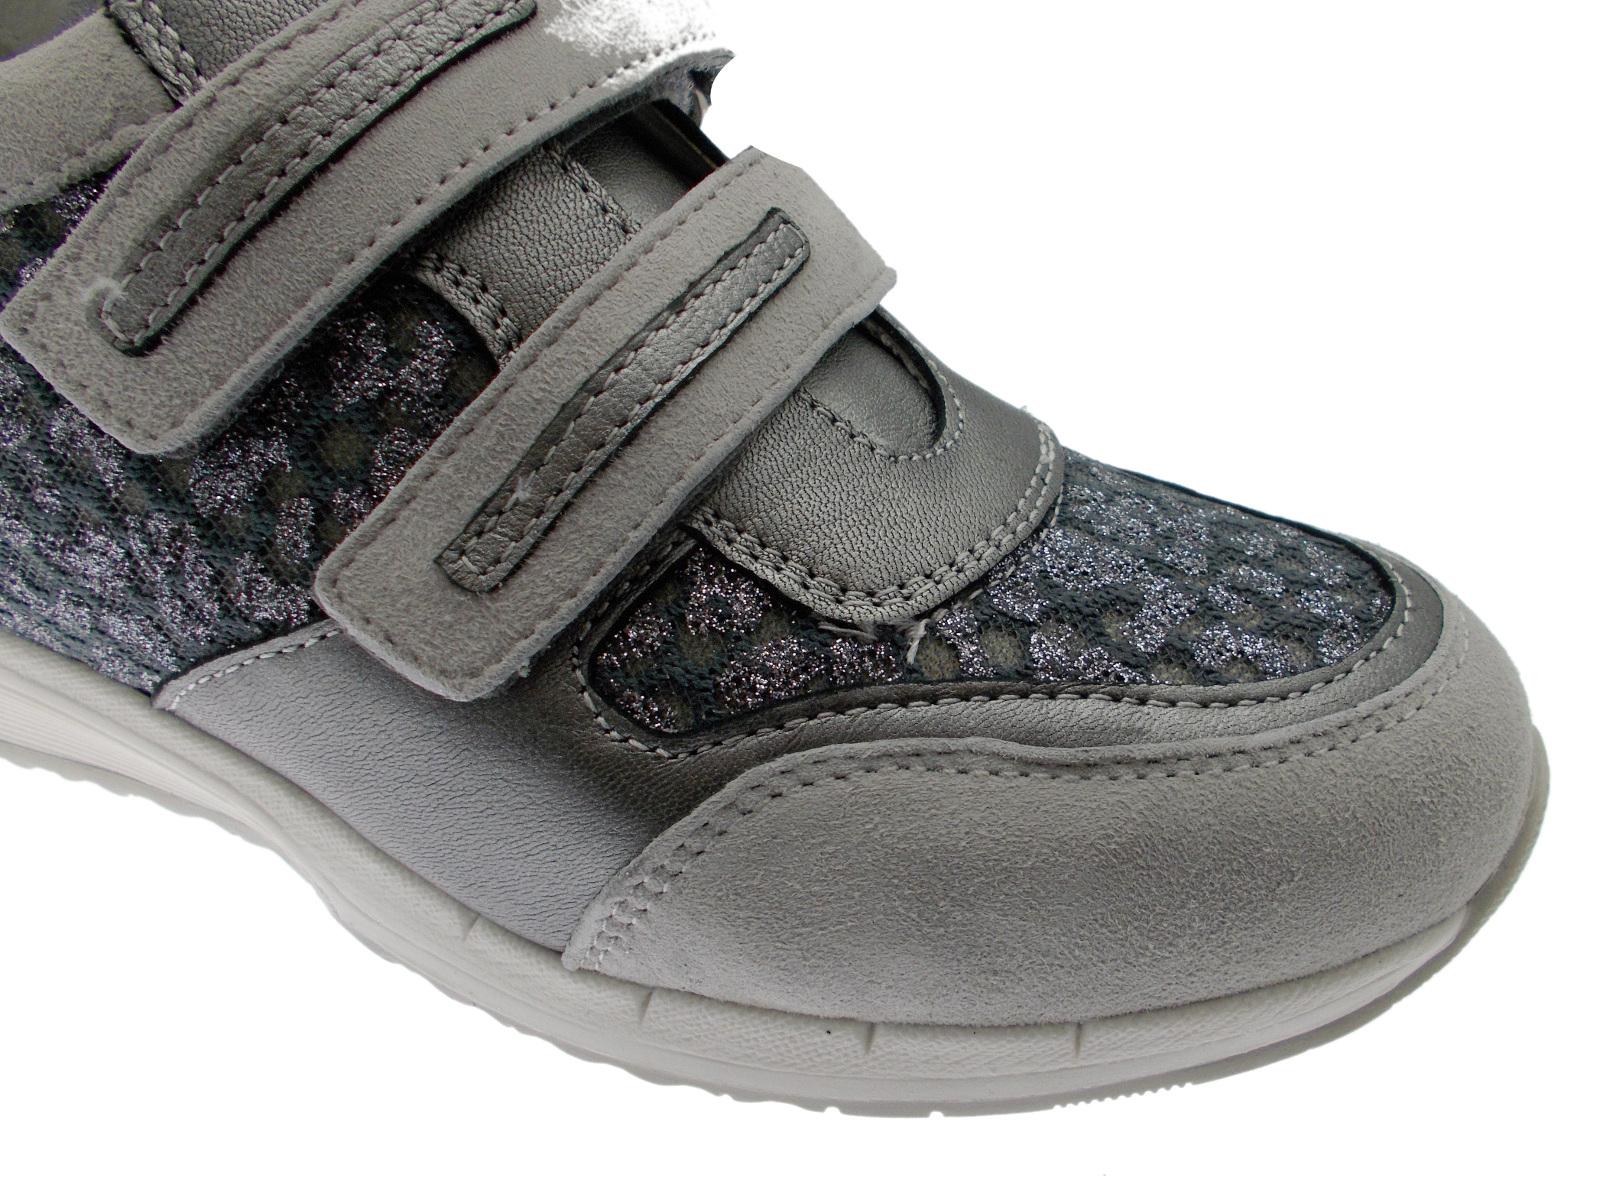 Plantilla Plantilla Plantilla ortopédica gris C3794 Velcro zapatilla preparado Loren  100% precio garantizado